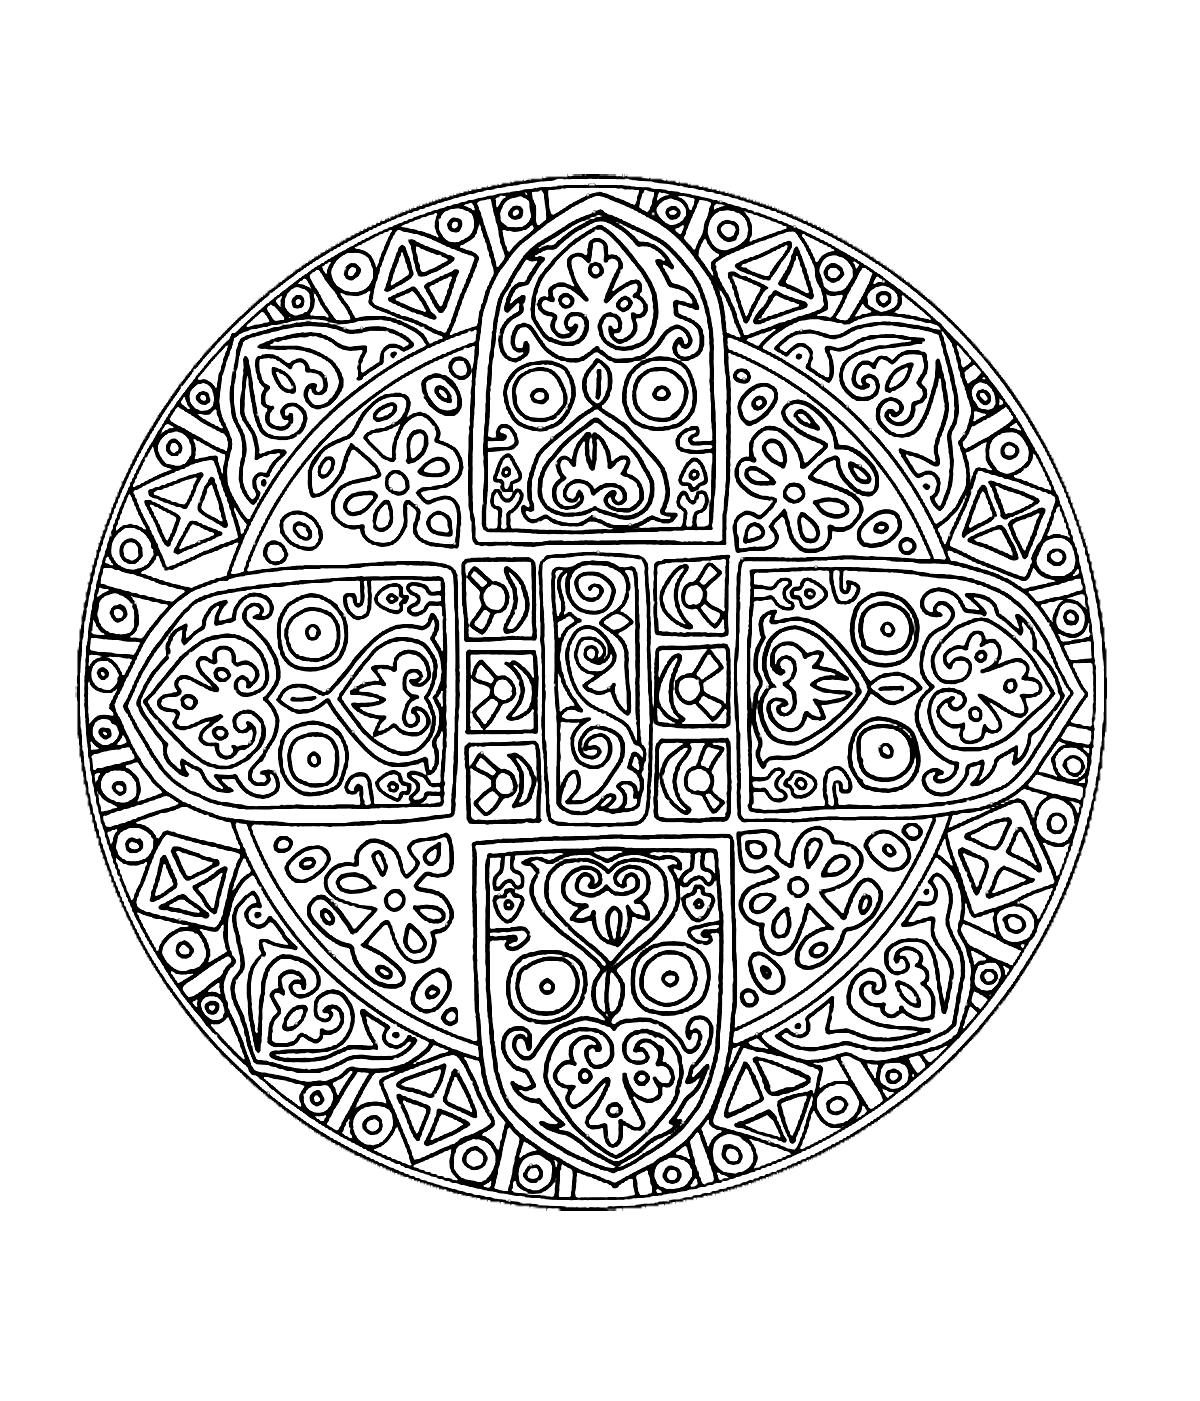 Mandala a colorier difficile 1 mandalas difficiles pour - Jeux anti stress gratuit ...